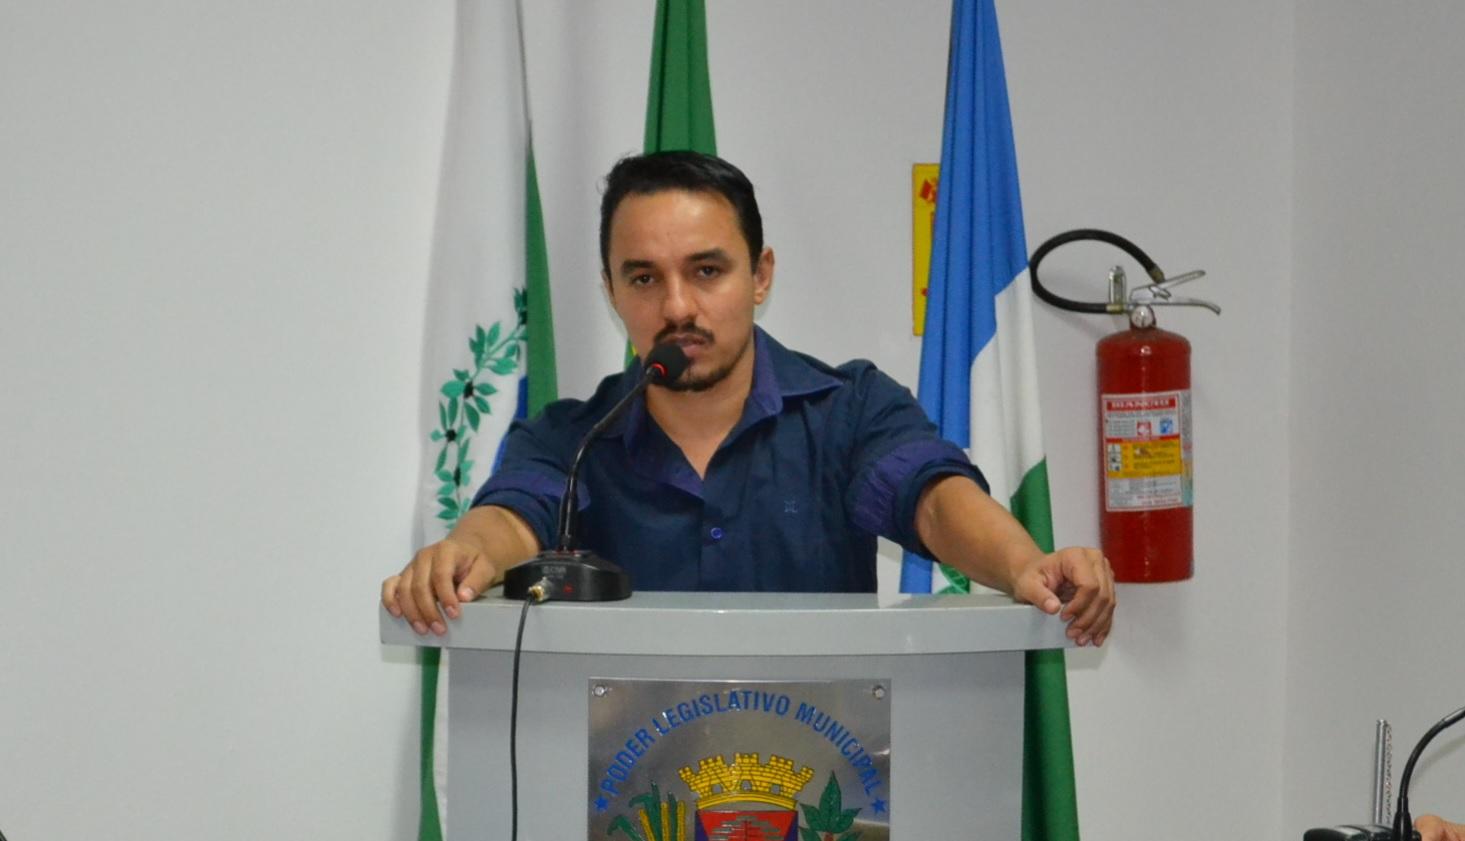 Projeto é do vereador Édi Willian Moreira dos Santos